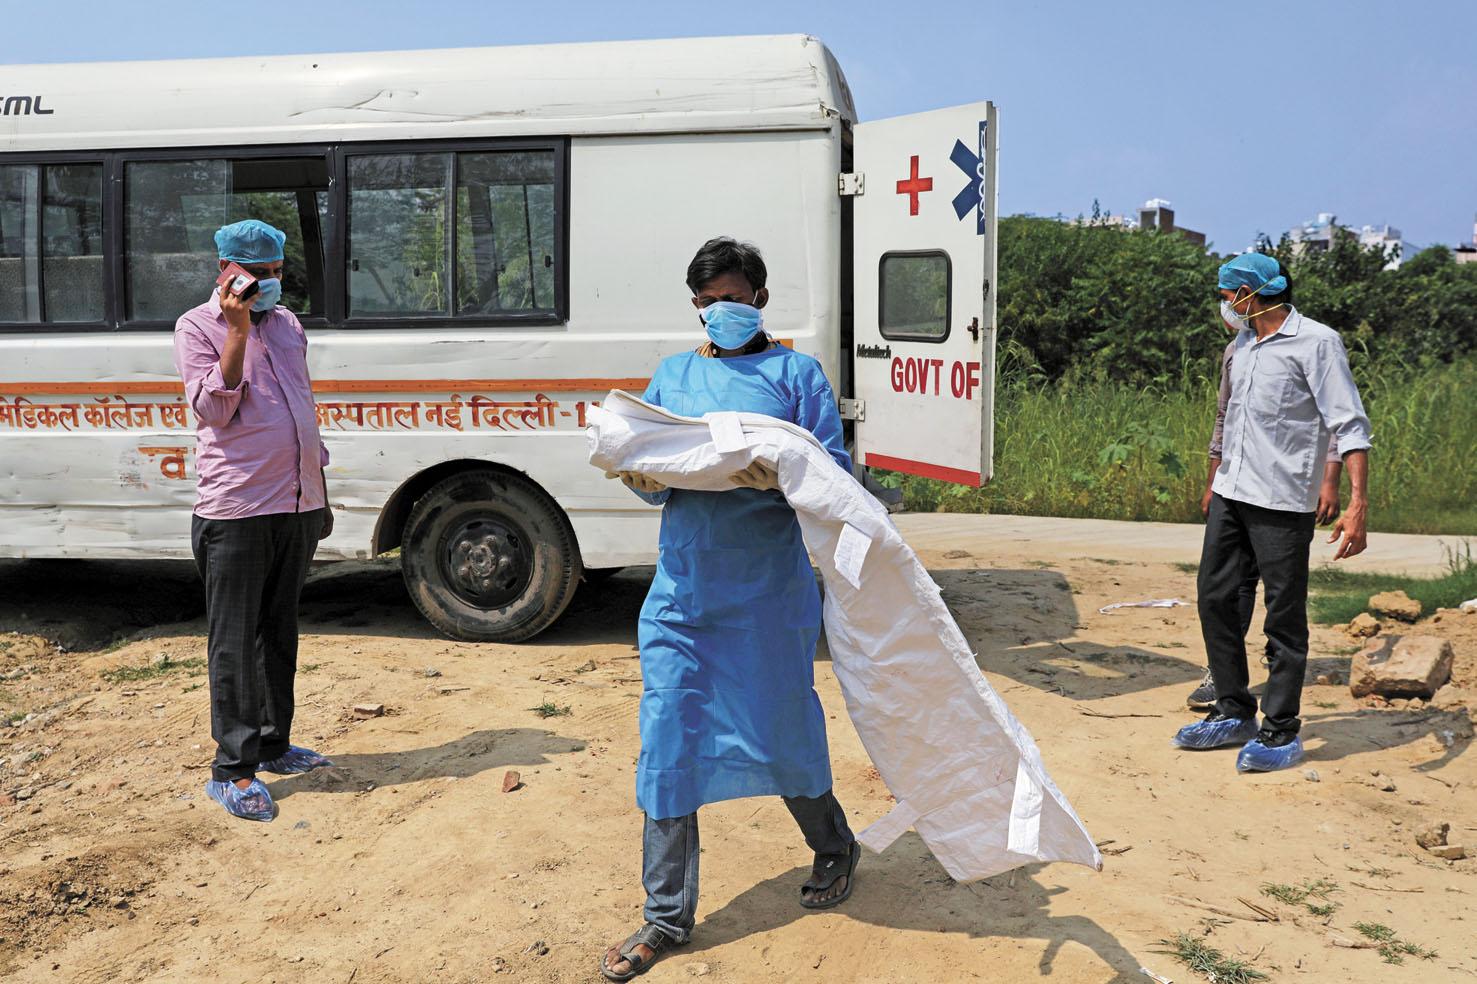 全球死於新冠肺炎的人數破百萬人,圖為印度一名死於新冠肺炎的三個月大嬰兒葬禮上,男子抱著孩子的屍體。路透社